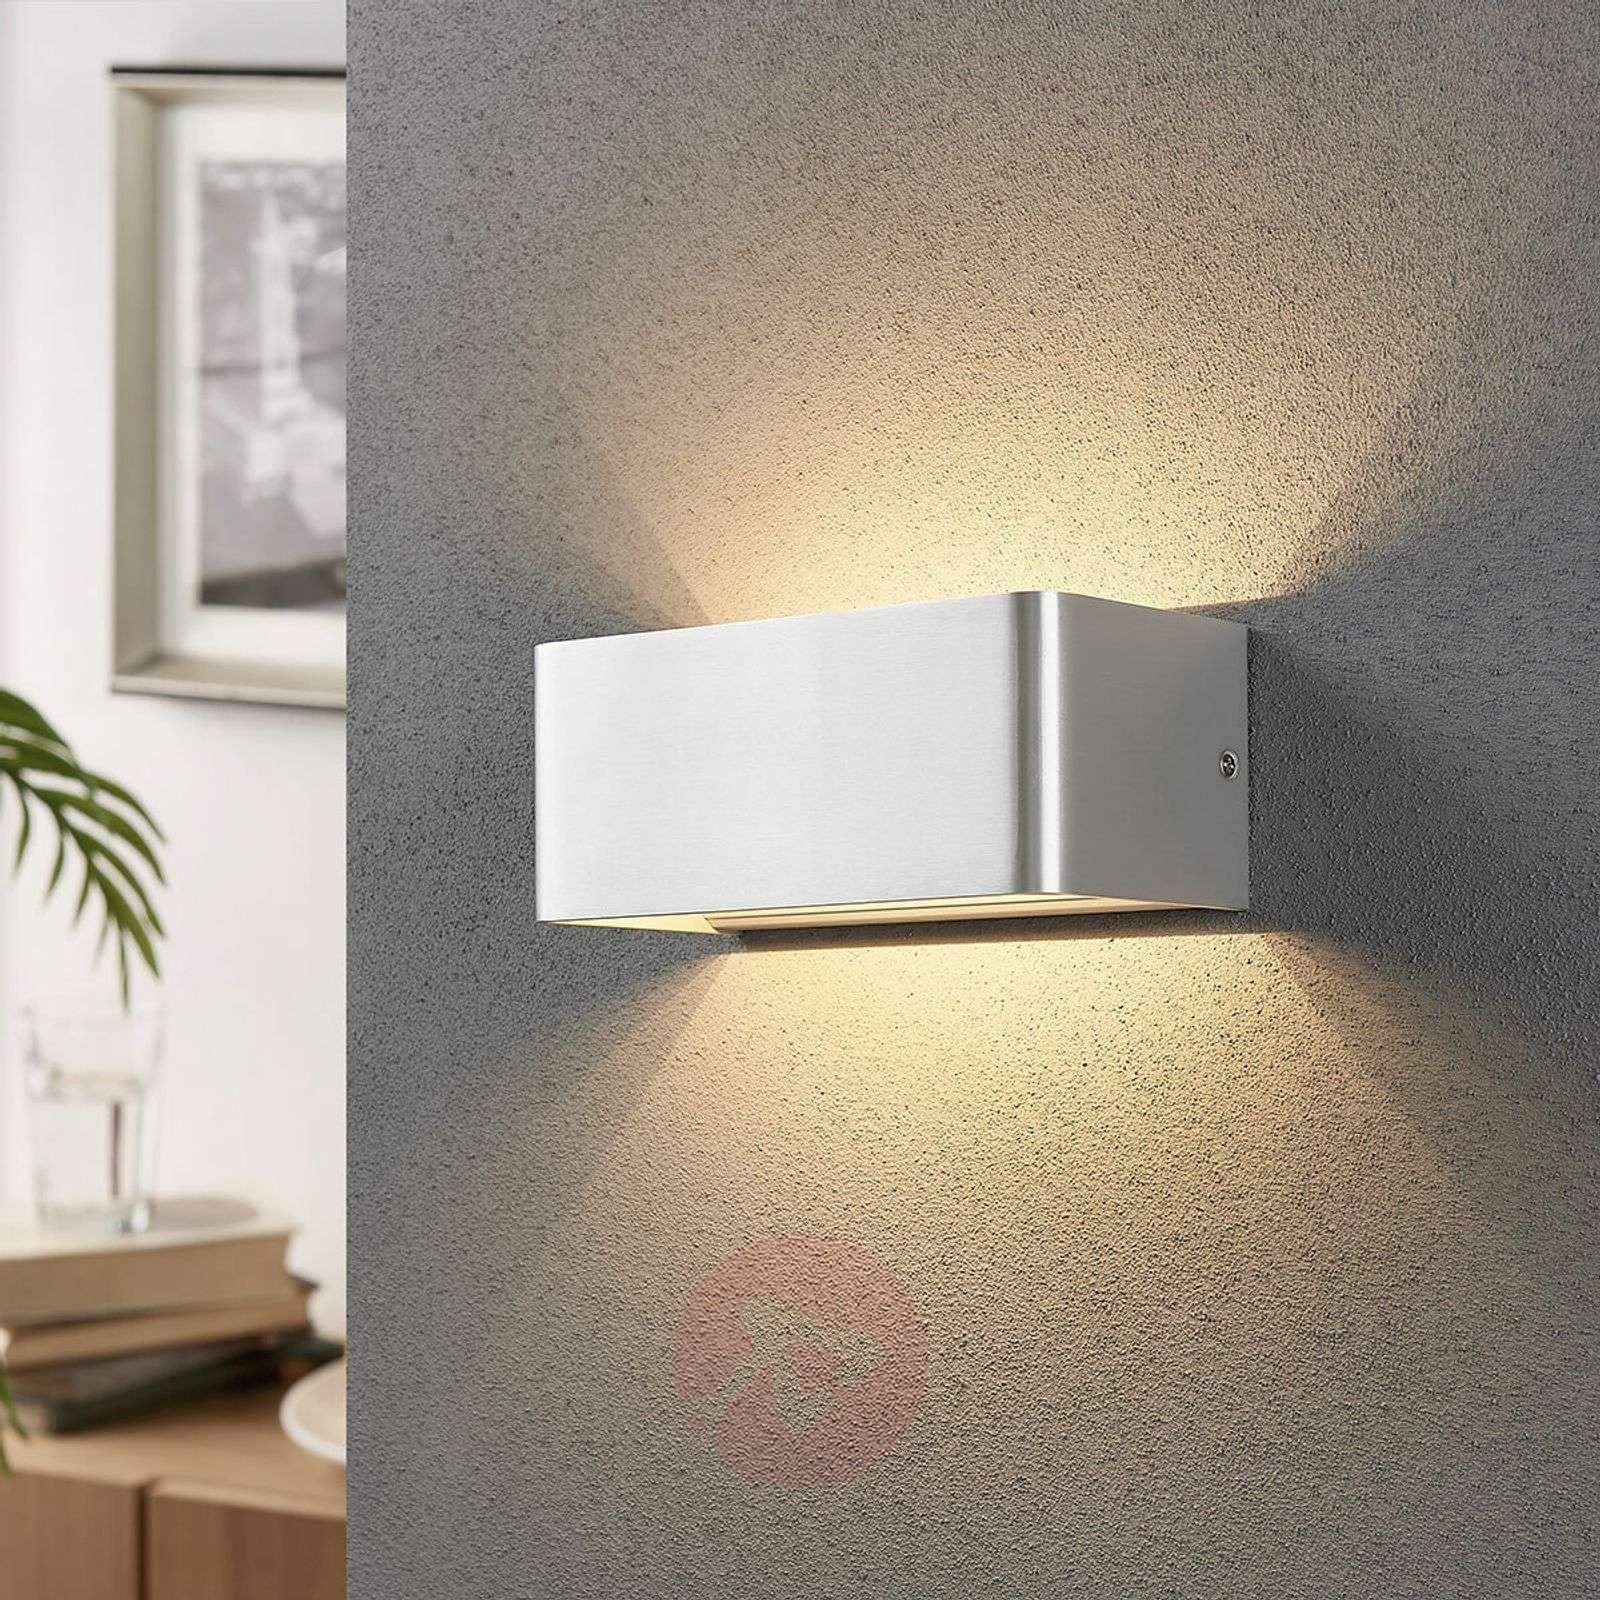 Tyylikäs LED-seinävalaisin Lonisa, satin. nikk.-9621192-02